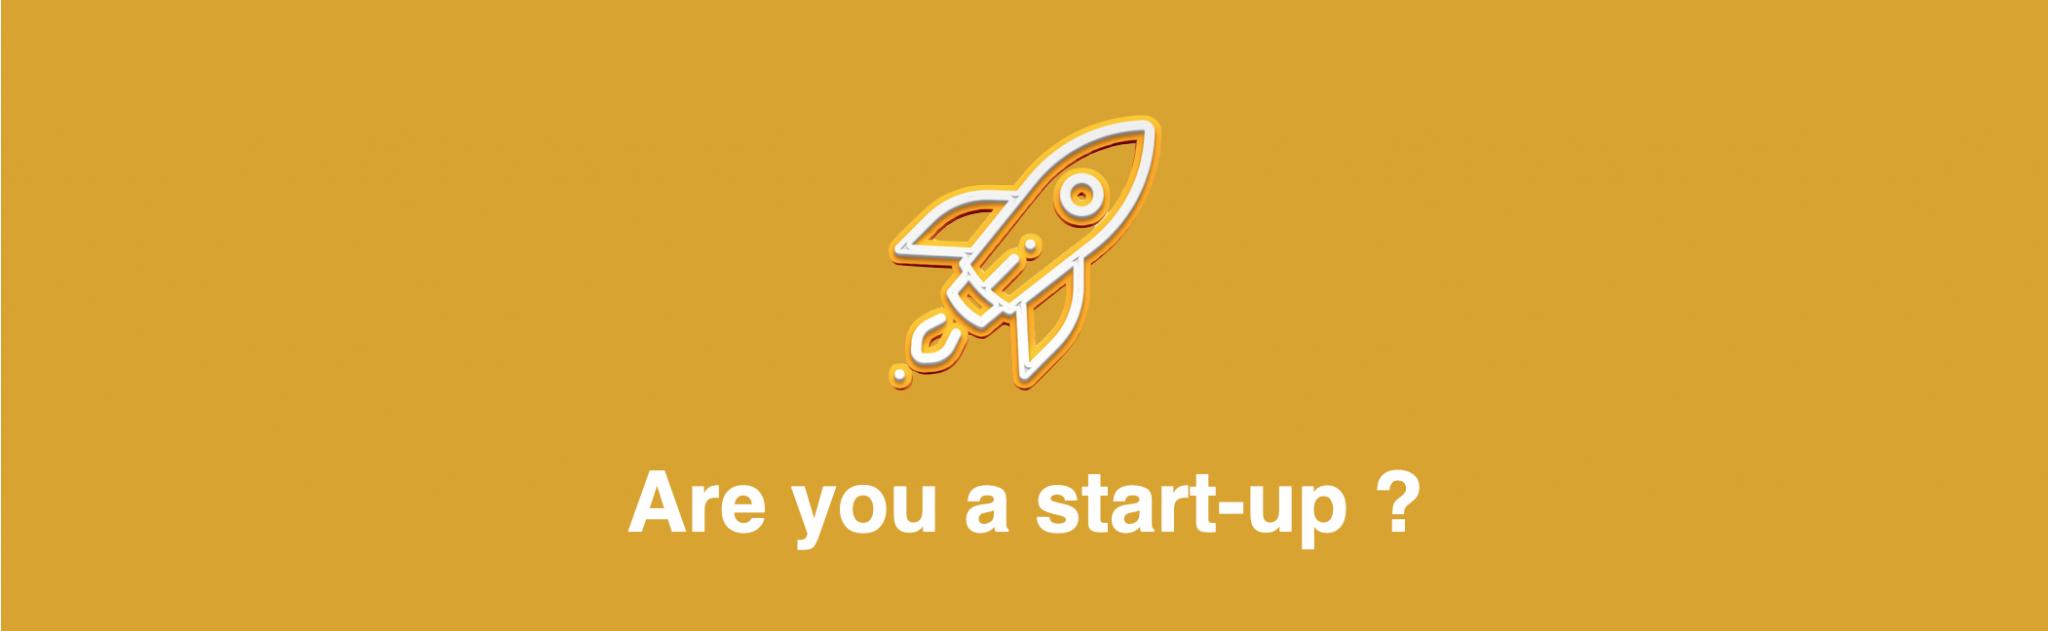 startup 86fashion